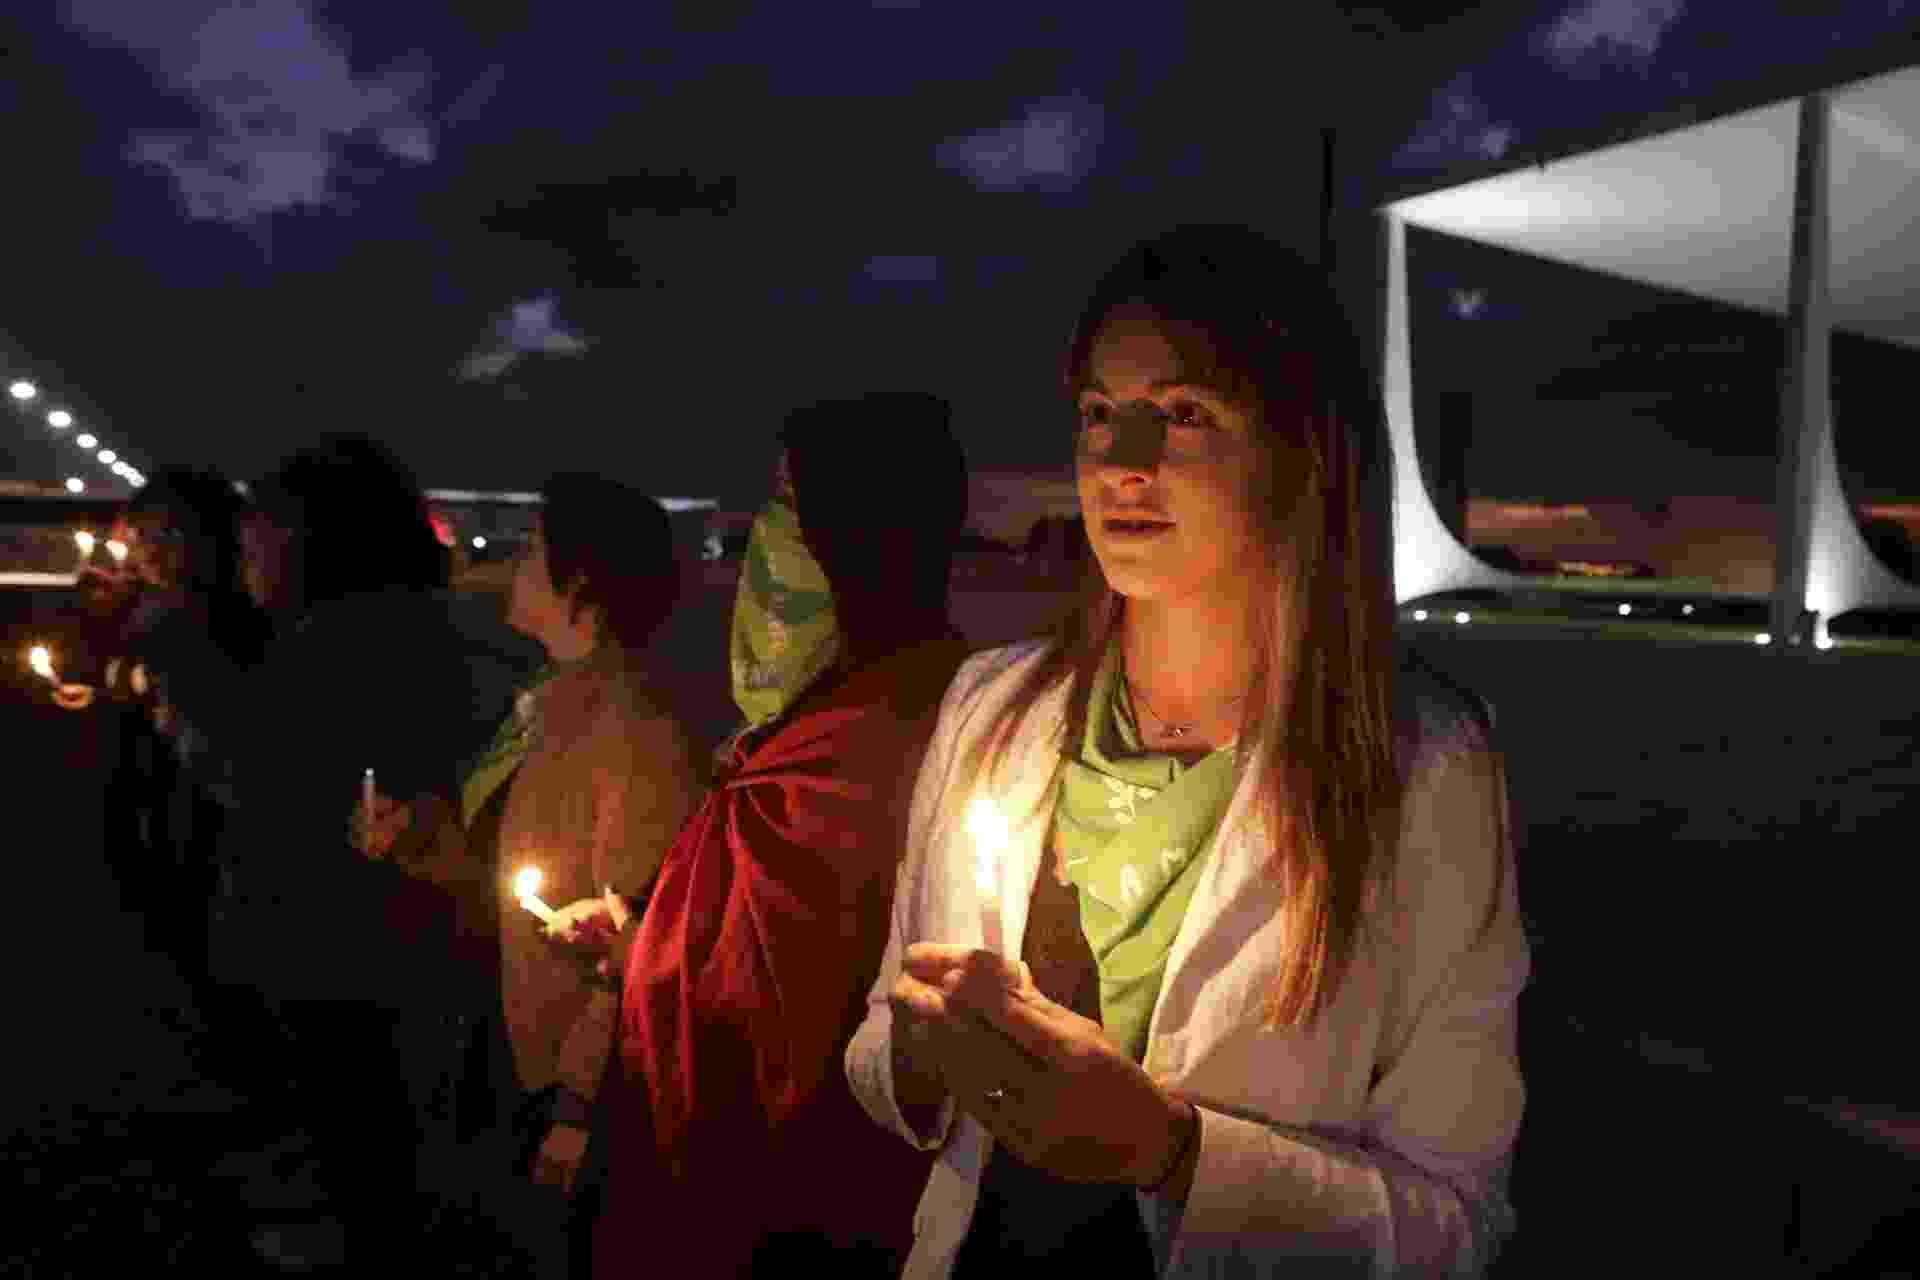 Anjuli Tostes, militante dos direitos das mulheres, faz vigília em frente ao STF contra a criminalização do aborto - Lúcio Távora/UOL